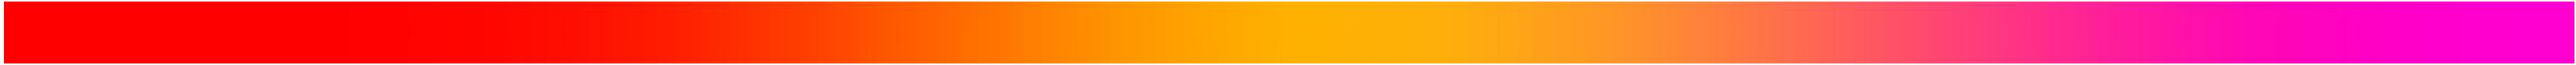 『曝光奖』回访 |  被看见之后,高台当代艺术中心的新起点 高台当代艺术中心 之后 新起点 创始人 马星 青年 艺术家 马海伦 图片 乌鲁木齐 崇真艺客